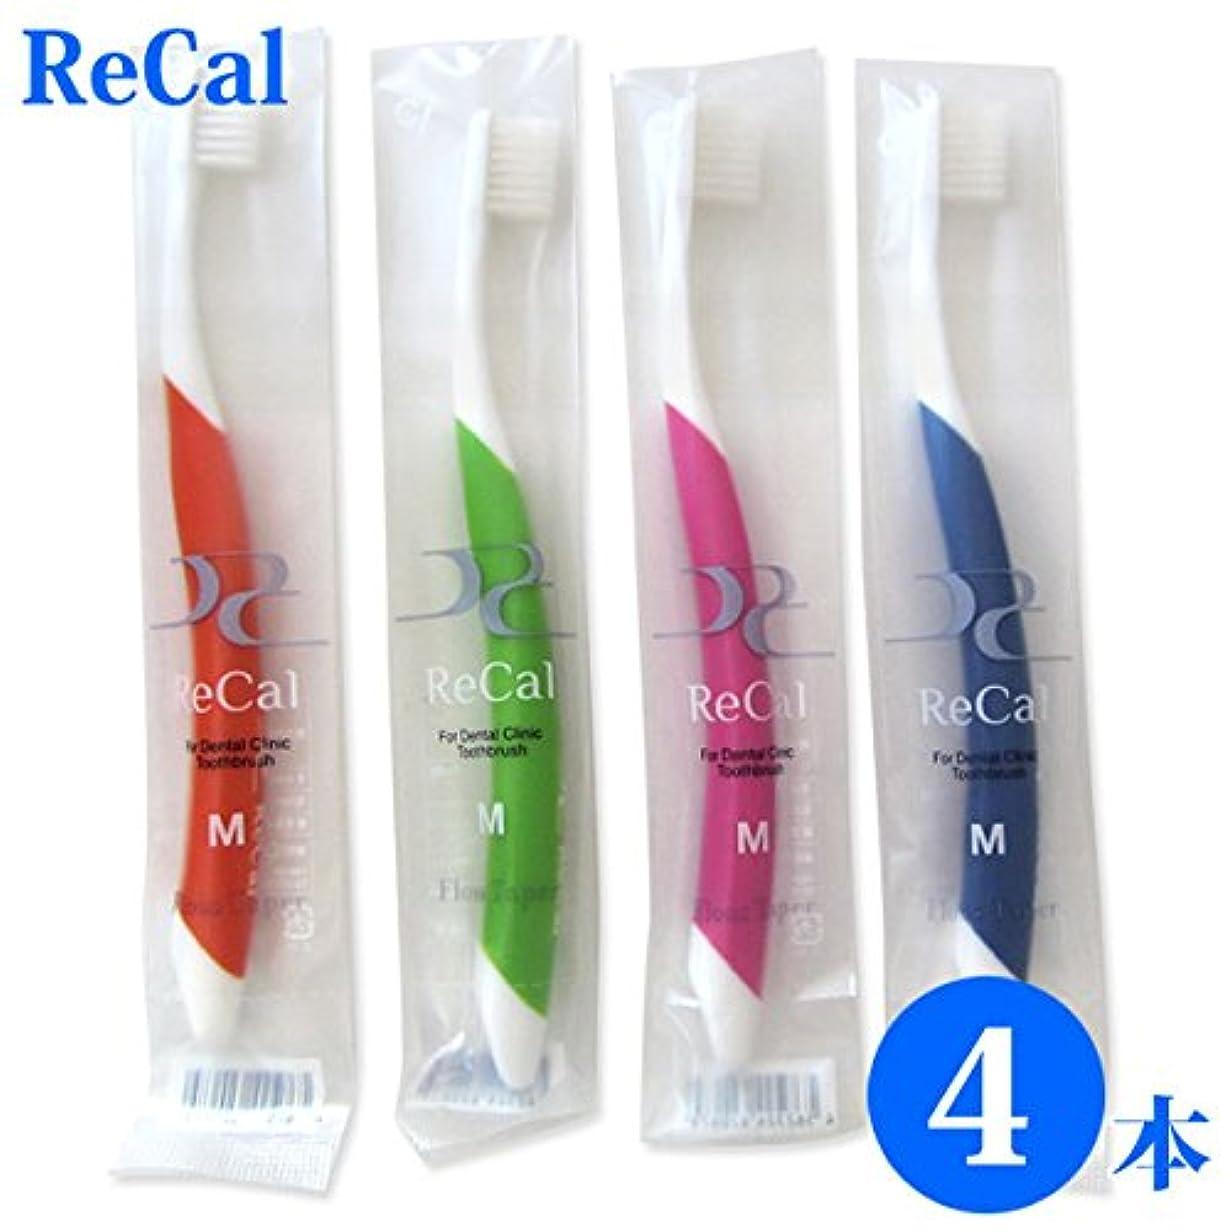 代替案絶望的な人道的リカル 4色セット 歯科医院専用商品 ReCal リカル M 大人用 一般 歯ブラシ4本 場合20本ま